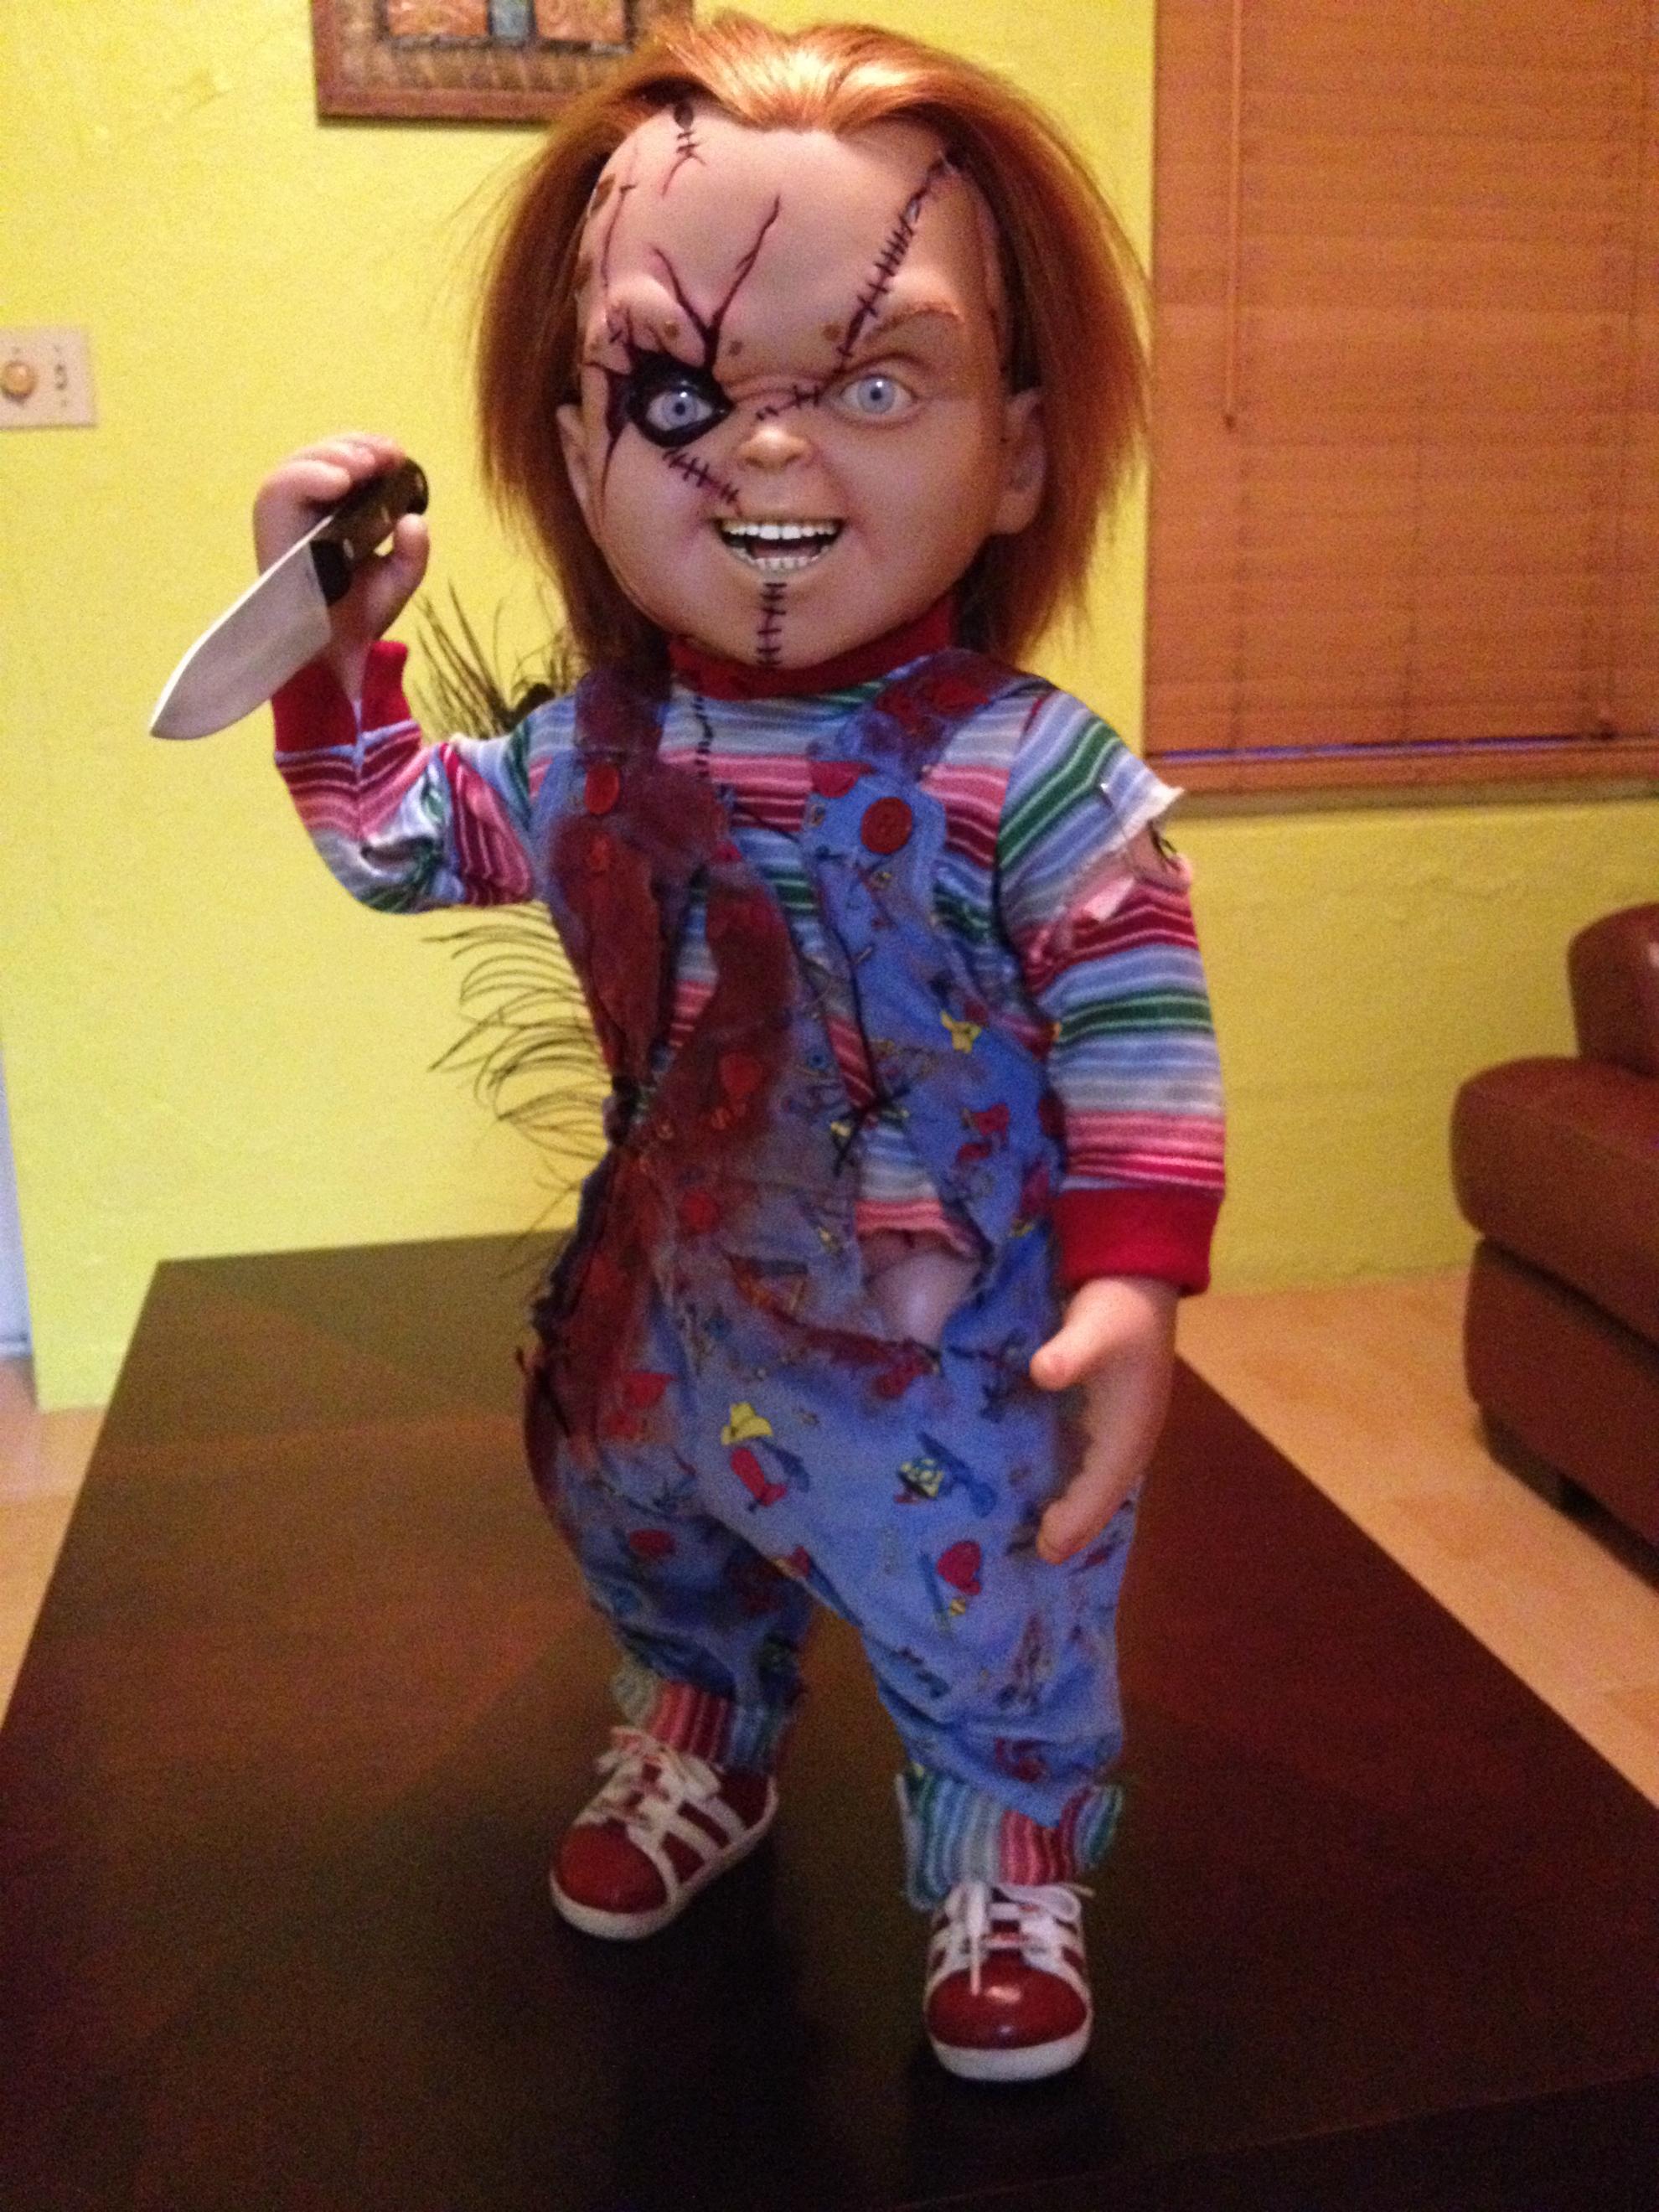 Image - The-Killer-Chucky-Doll-Photo.jpg